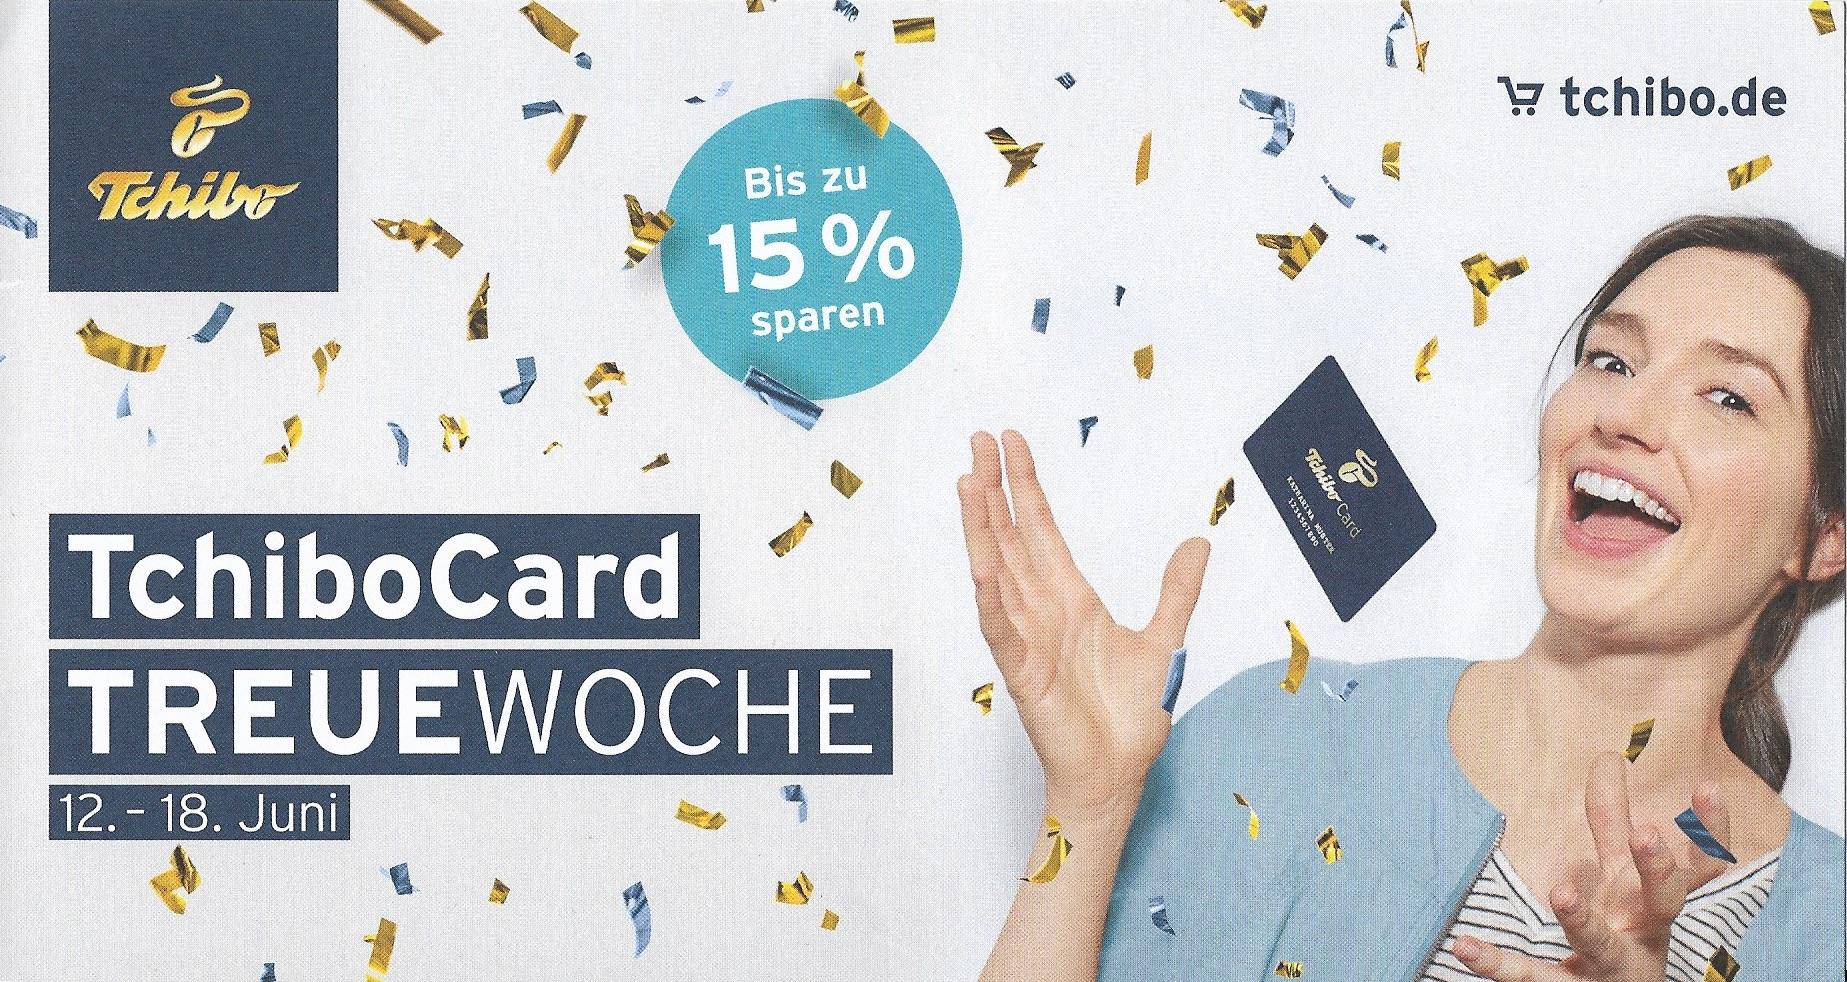 [Tchibo] Bis zu 15 % Rabatt bei Online-Einkauf oder in der Filiale mit TchiboCard (12.06 - 18.06)